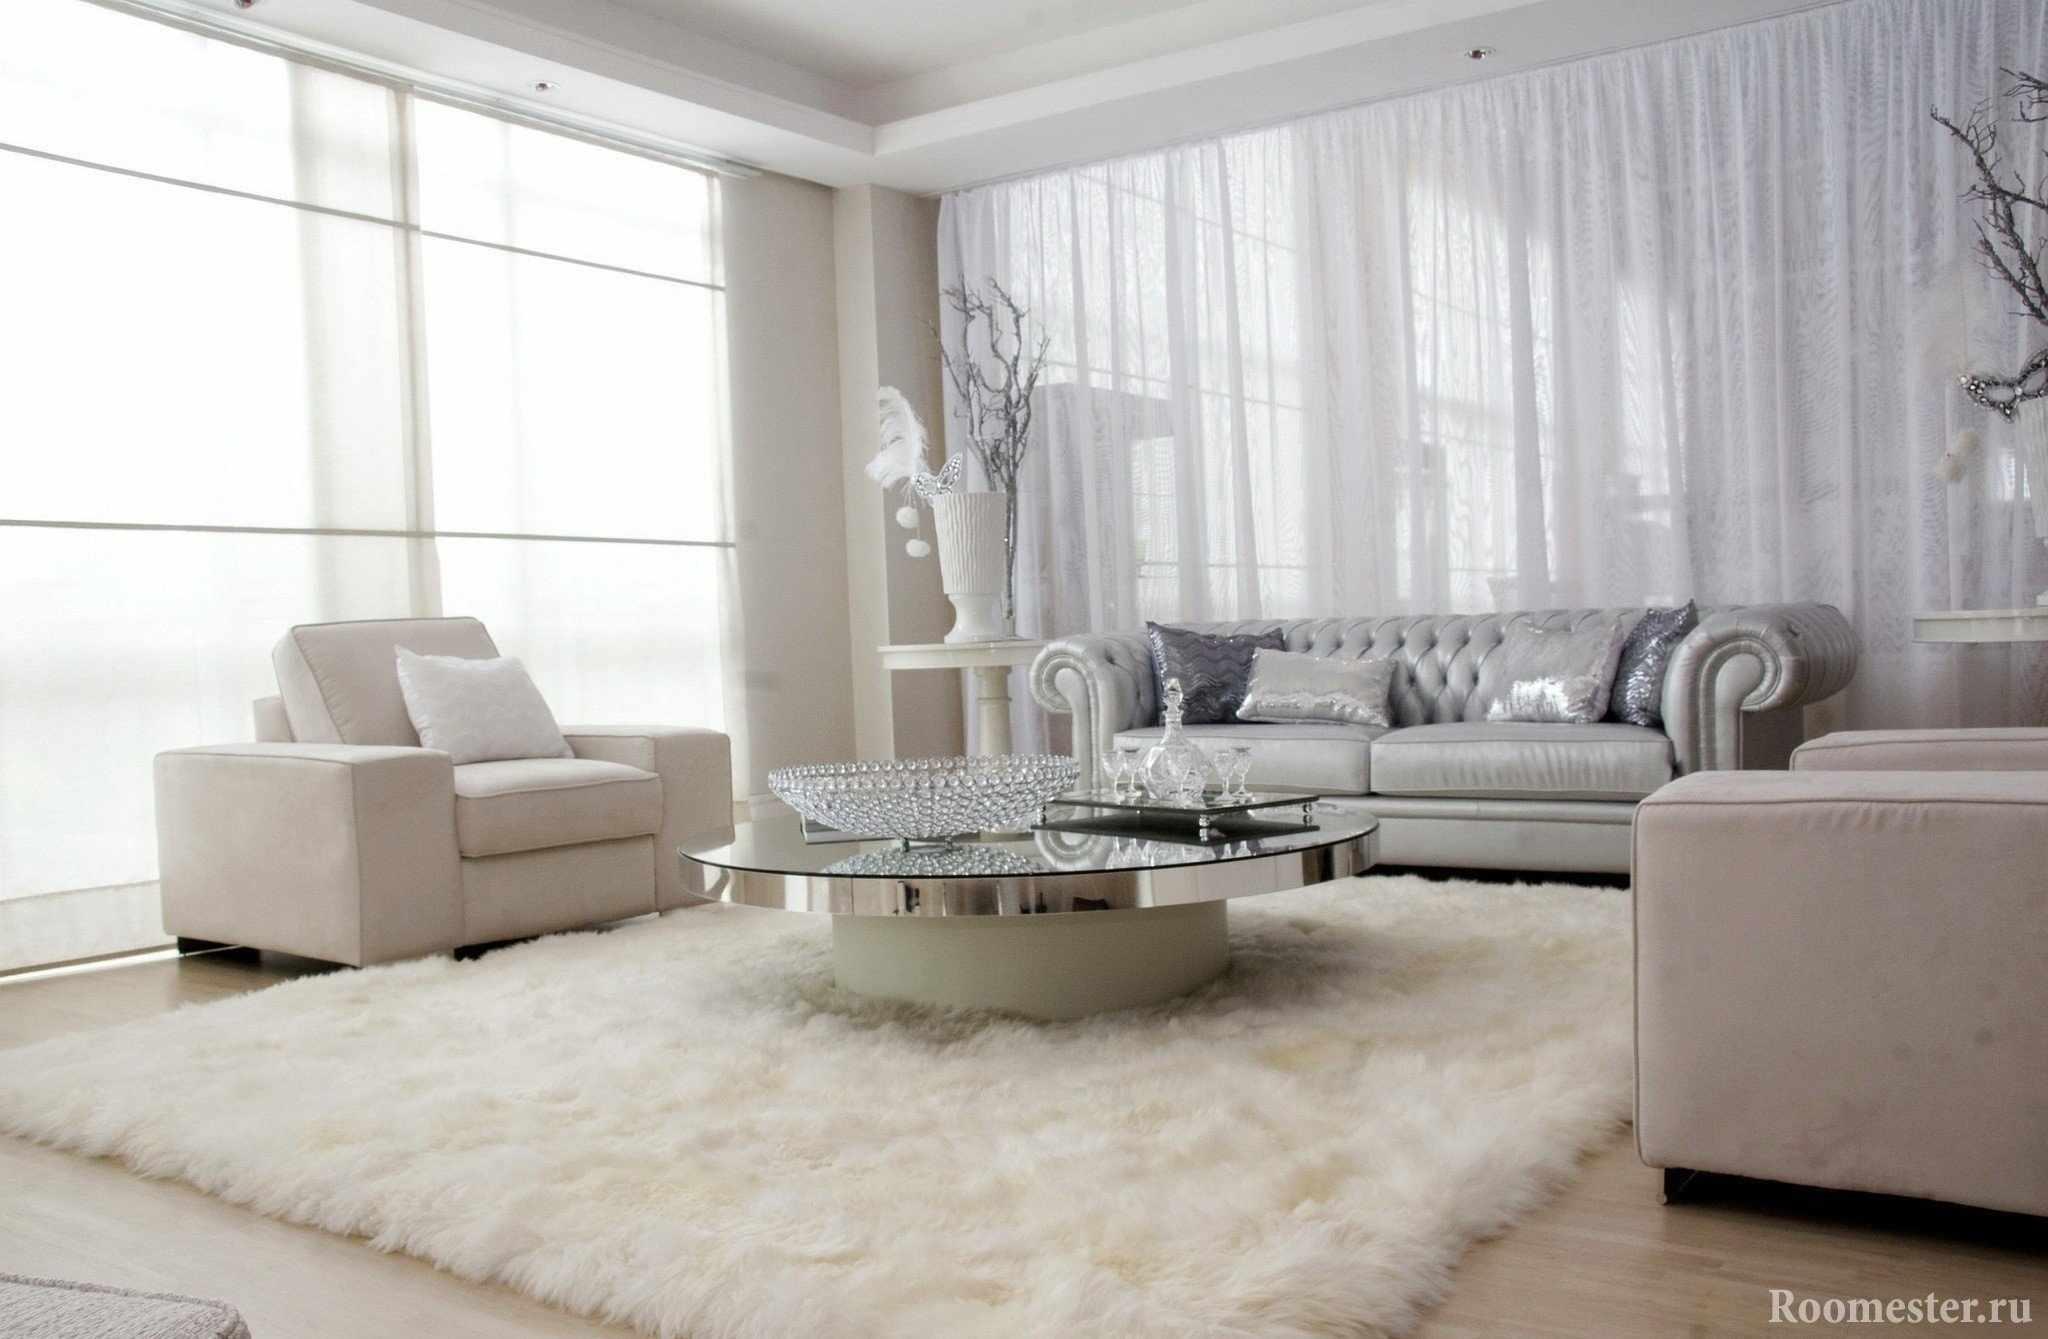 Шикарная мебель и ковер в комнате